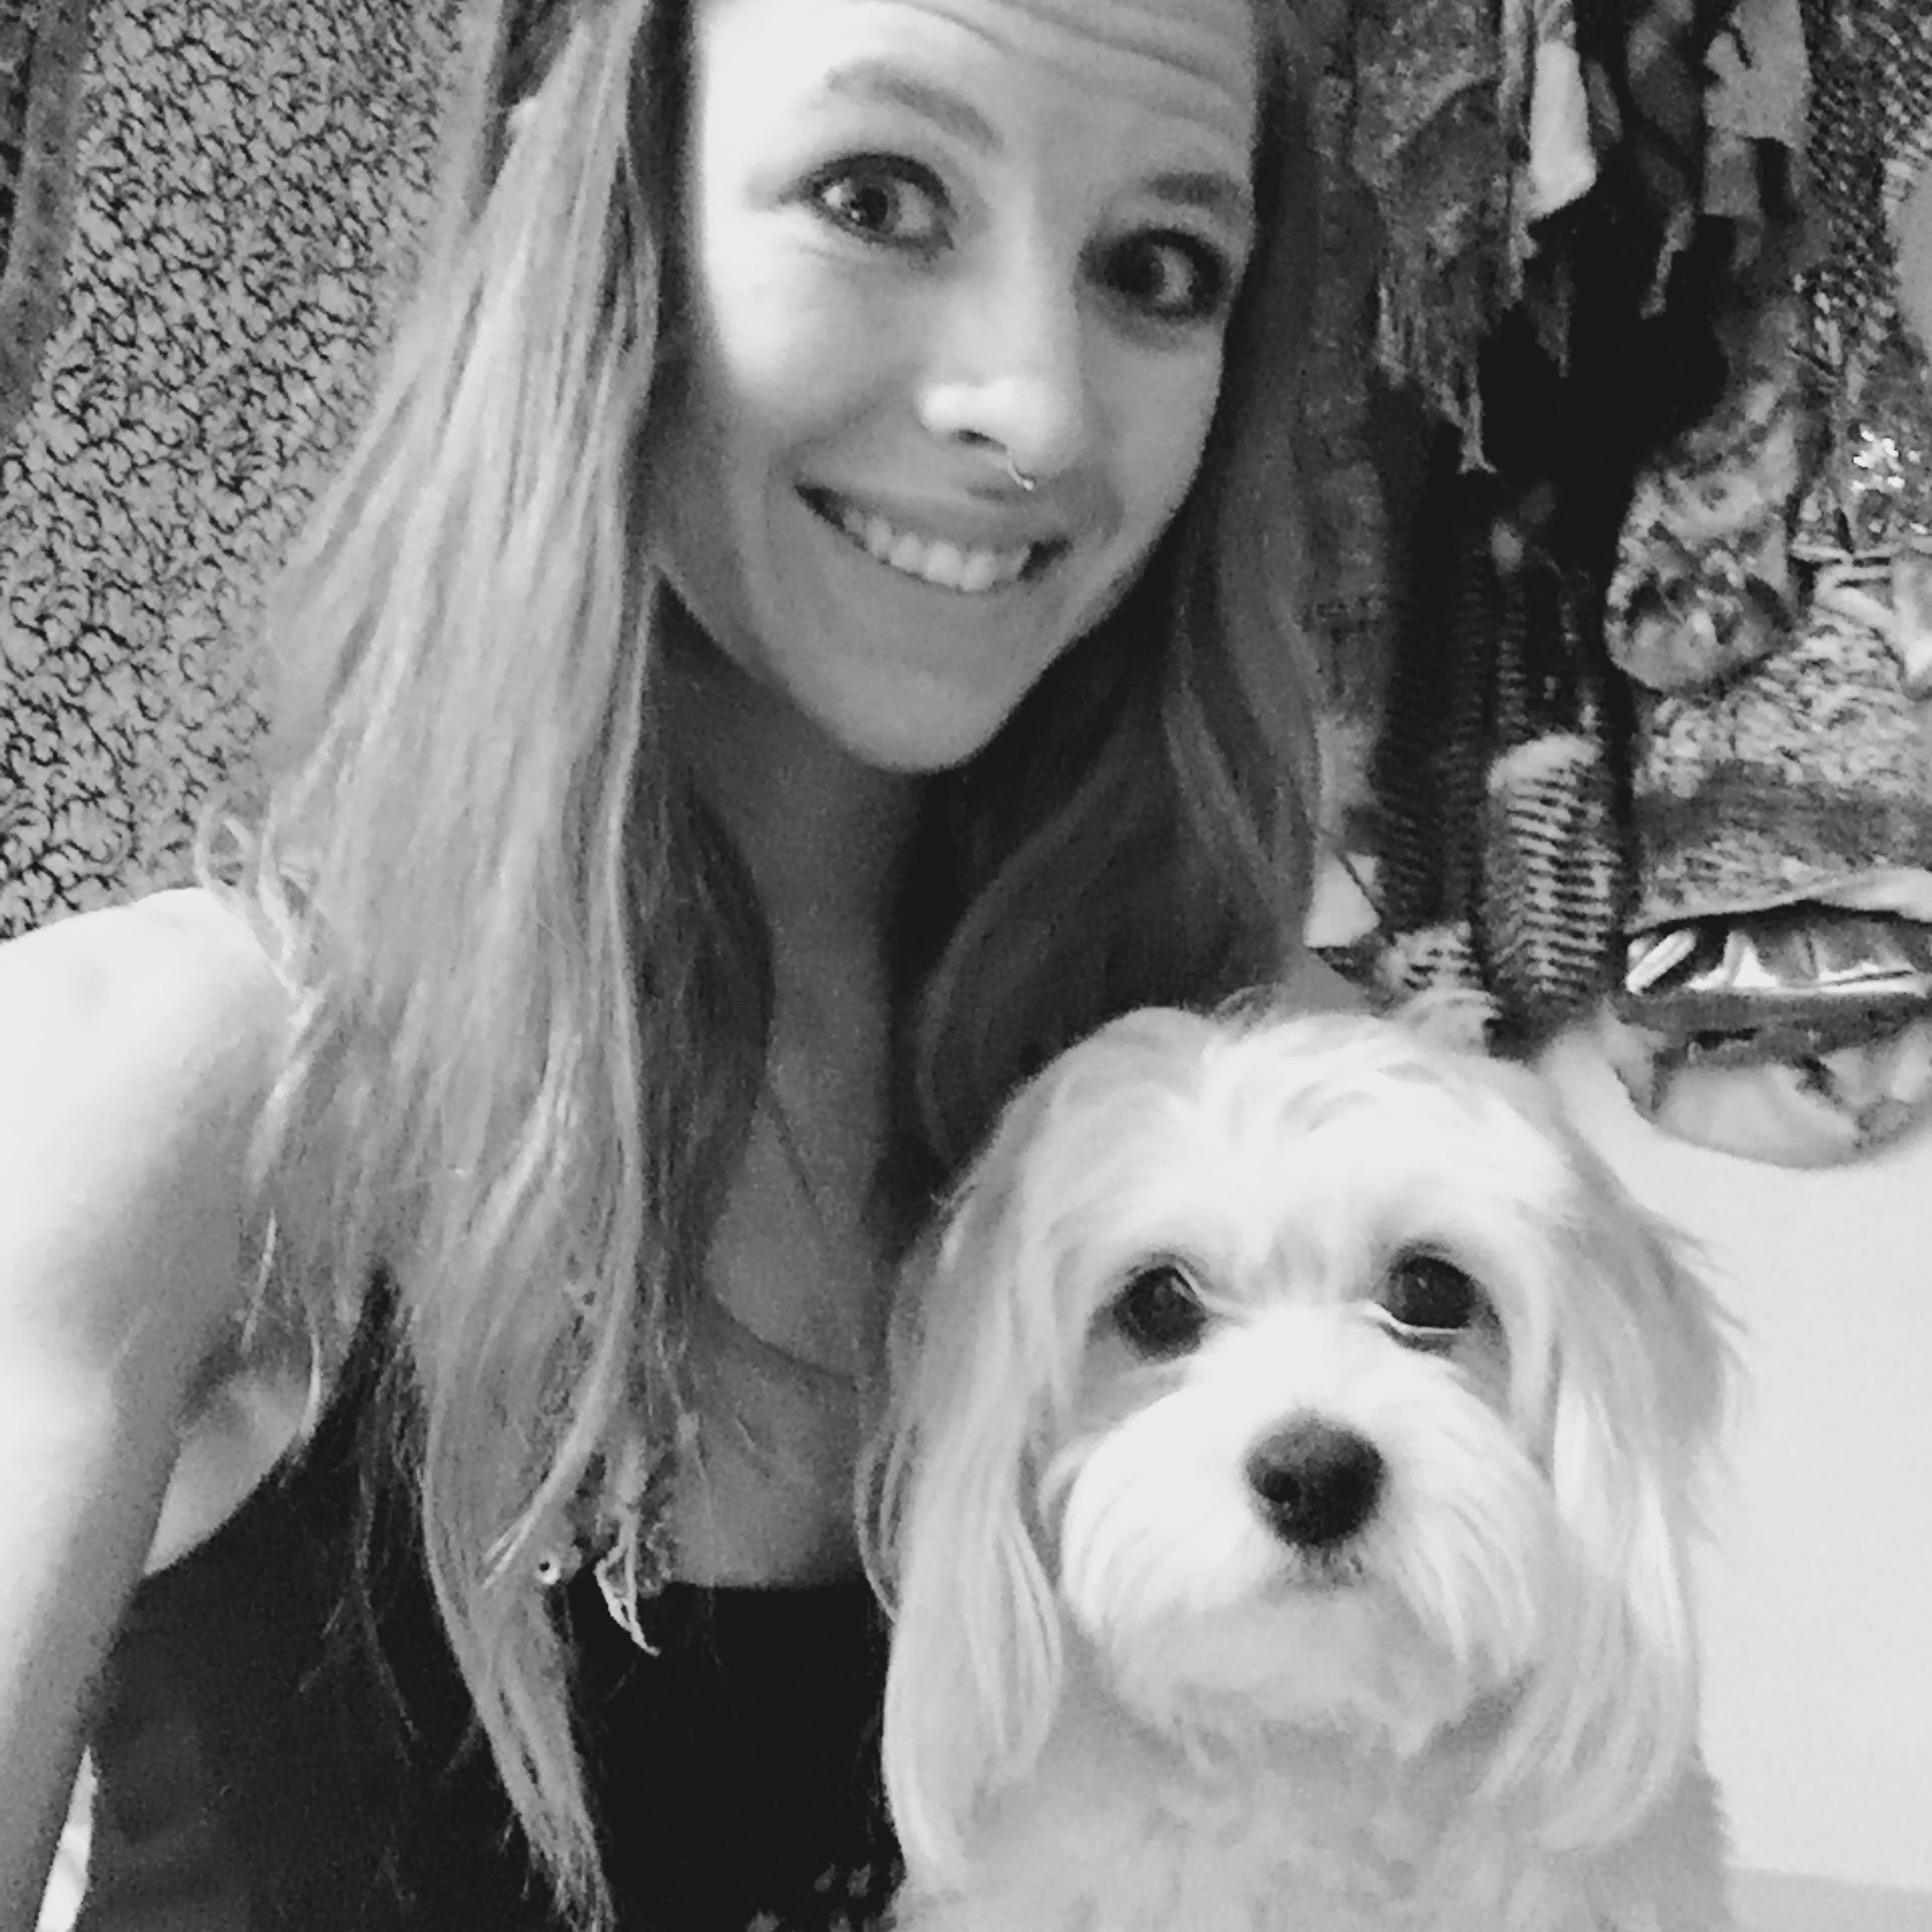 Hazie's dog day care